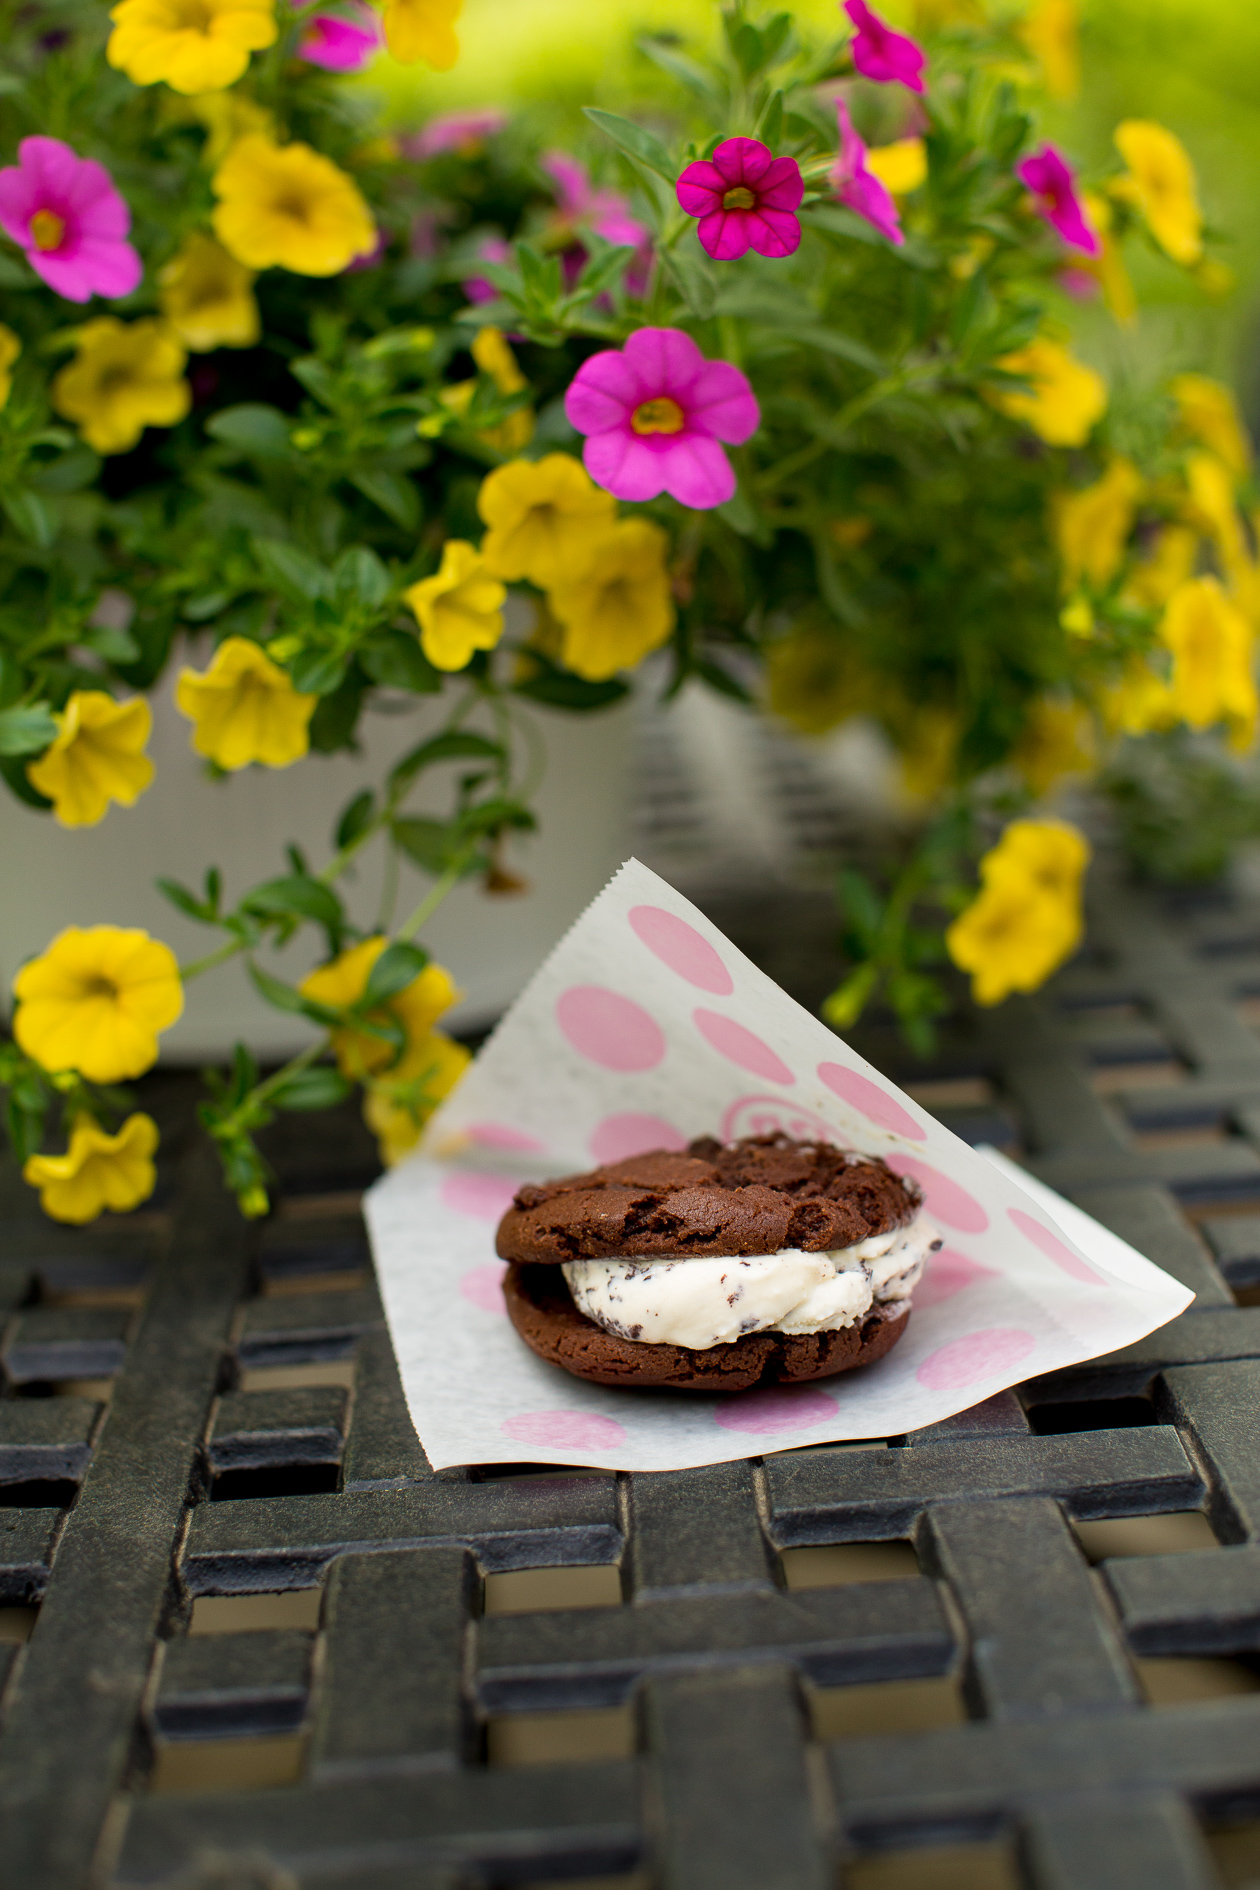 Baskin-Robbins Warm Ice Cream Sandwich-7